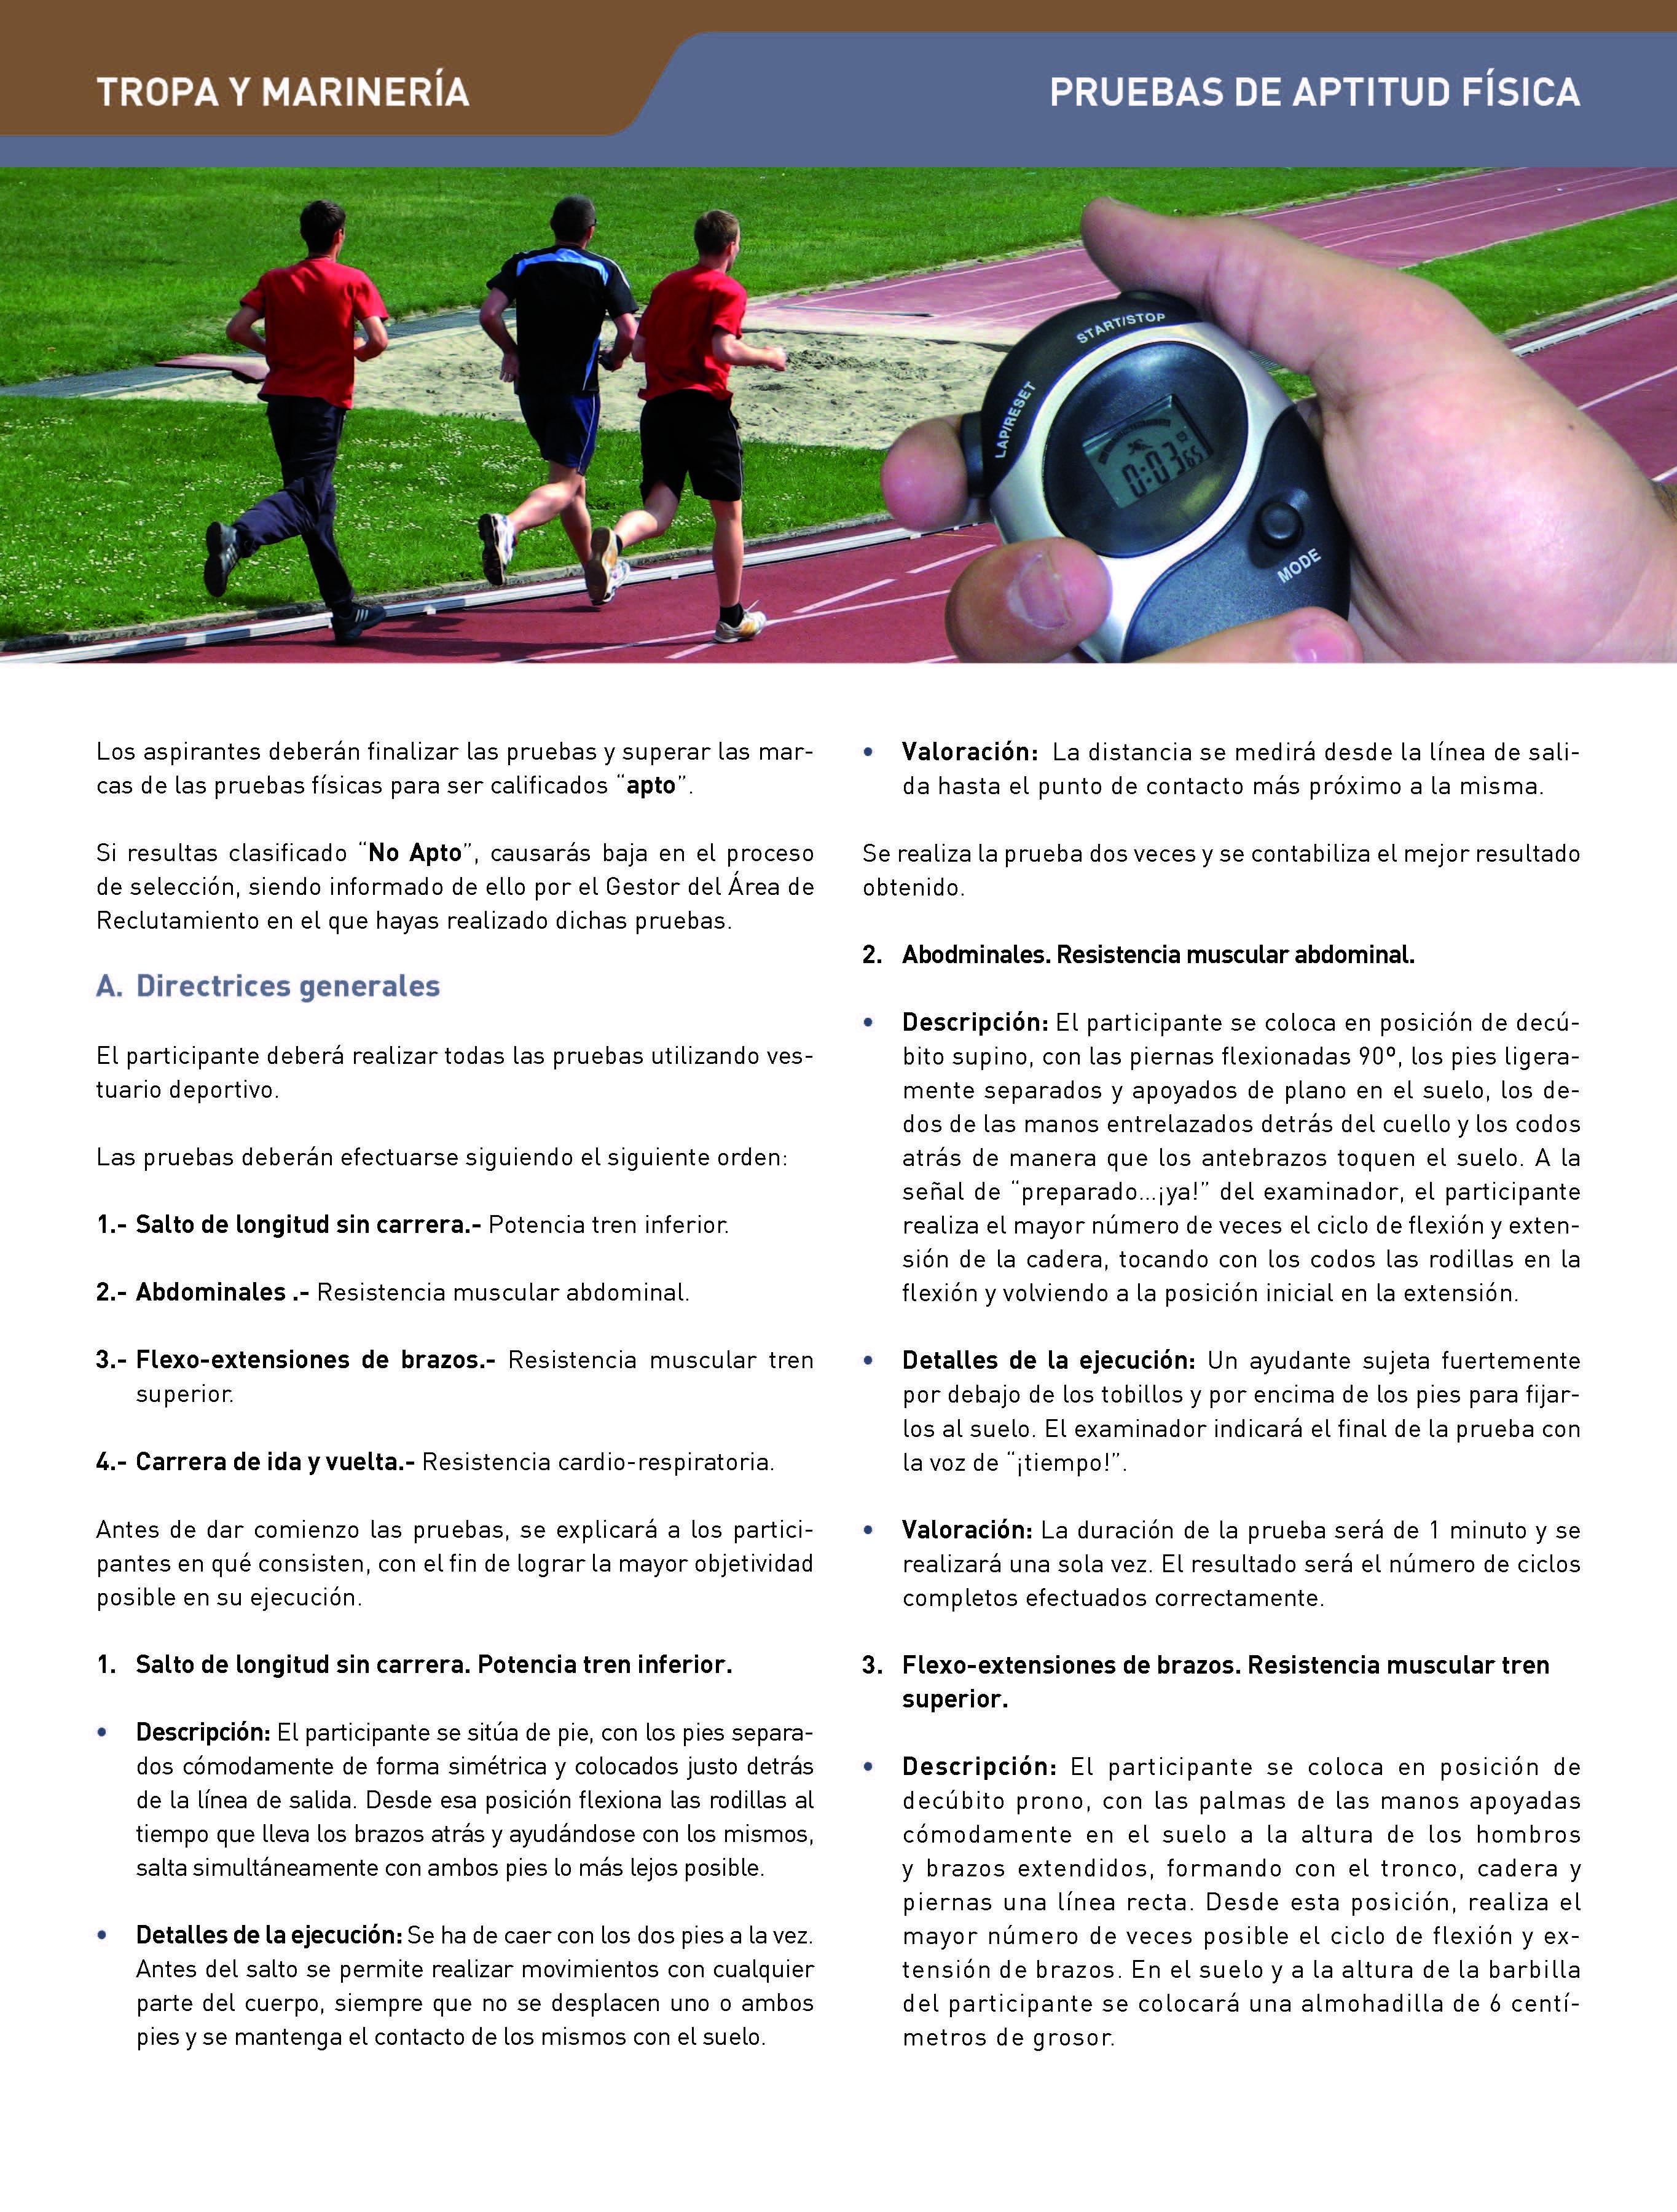 tropapruebasfisicas_Página_1